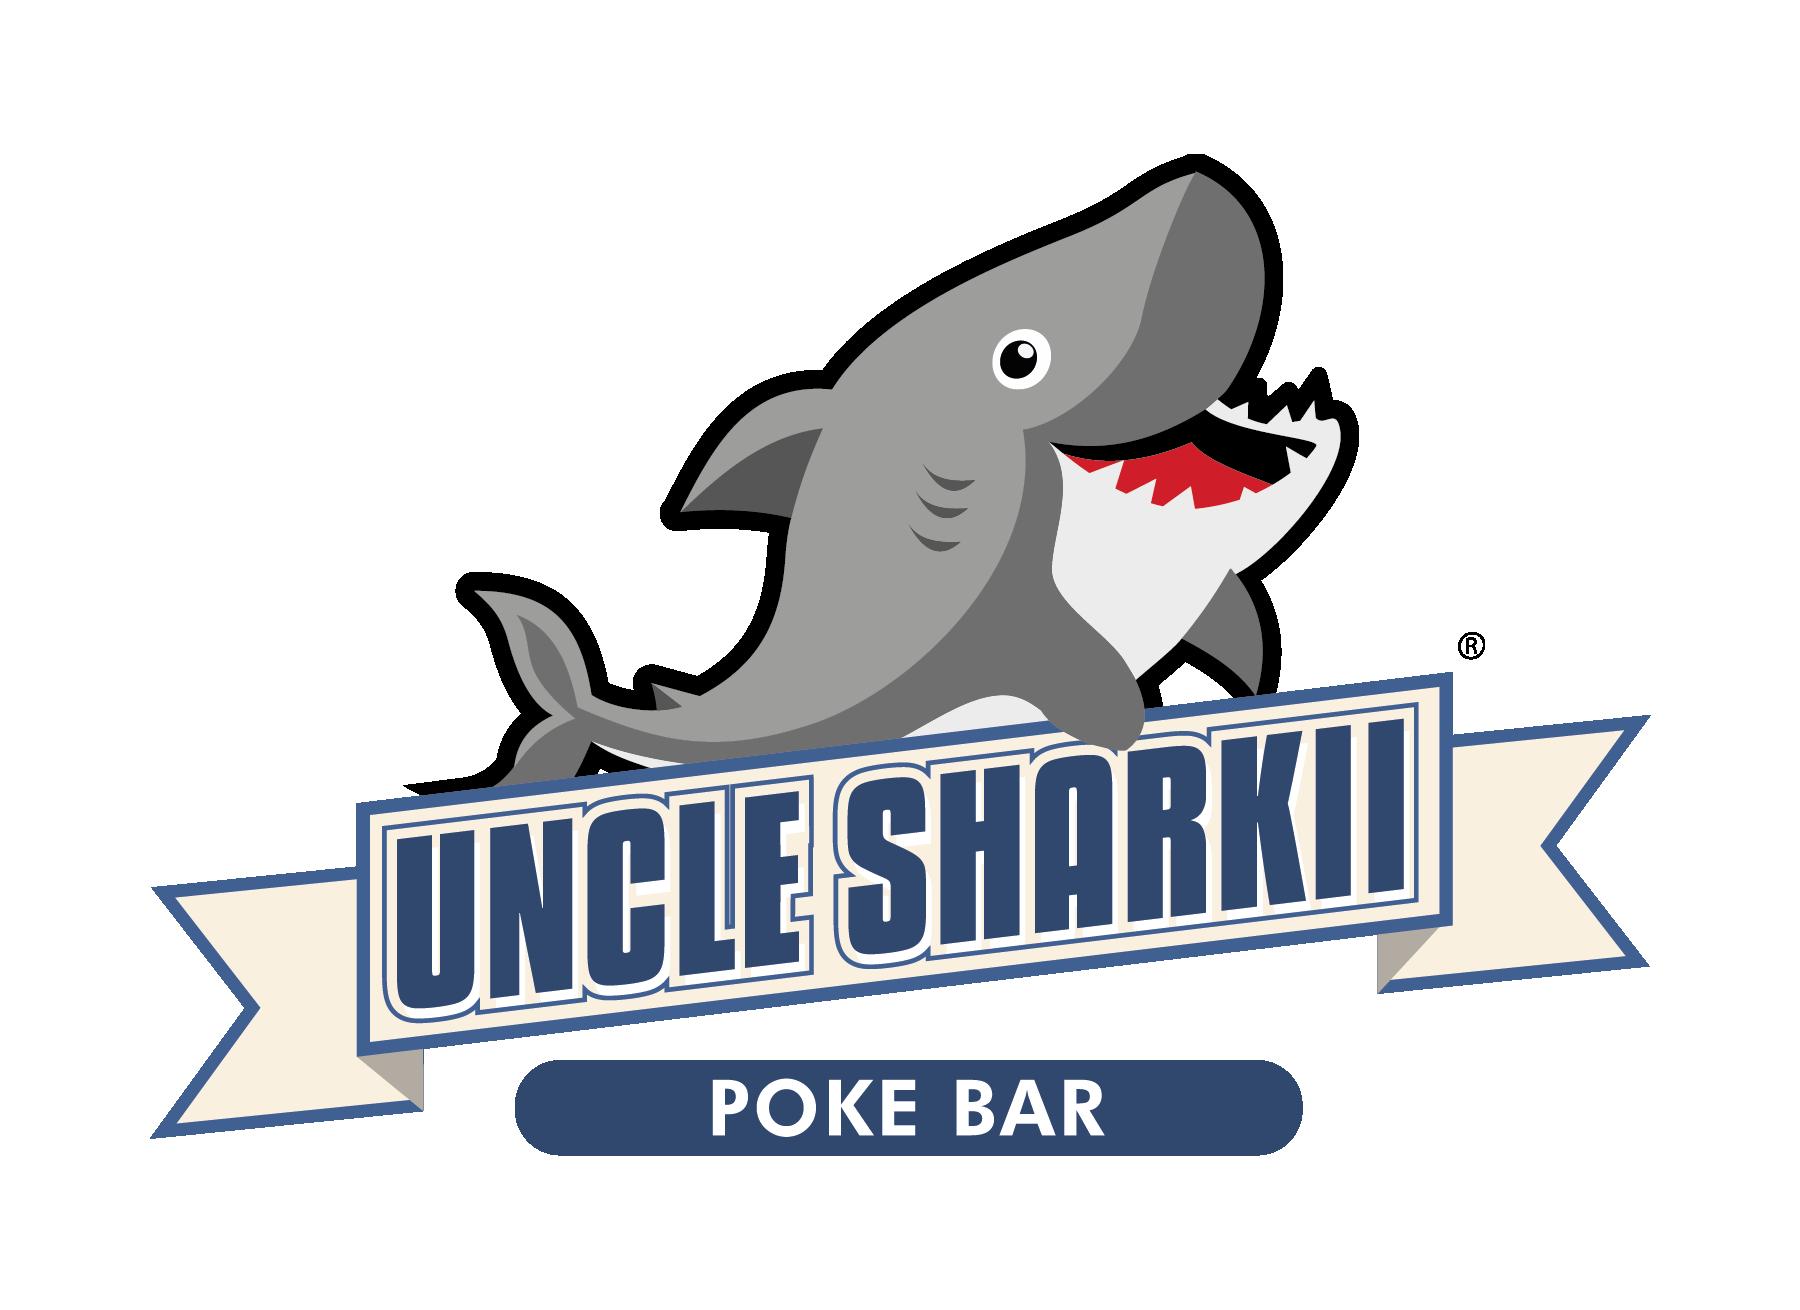 Uncle Sharkii Poke Bar Franchise Logo